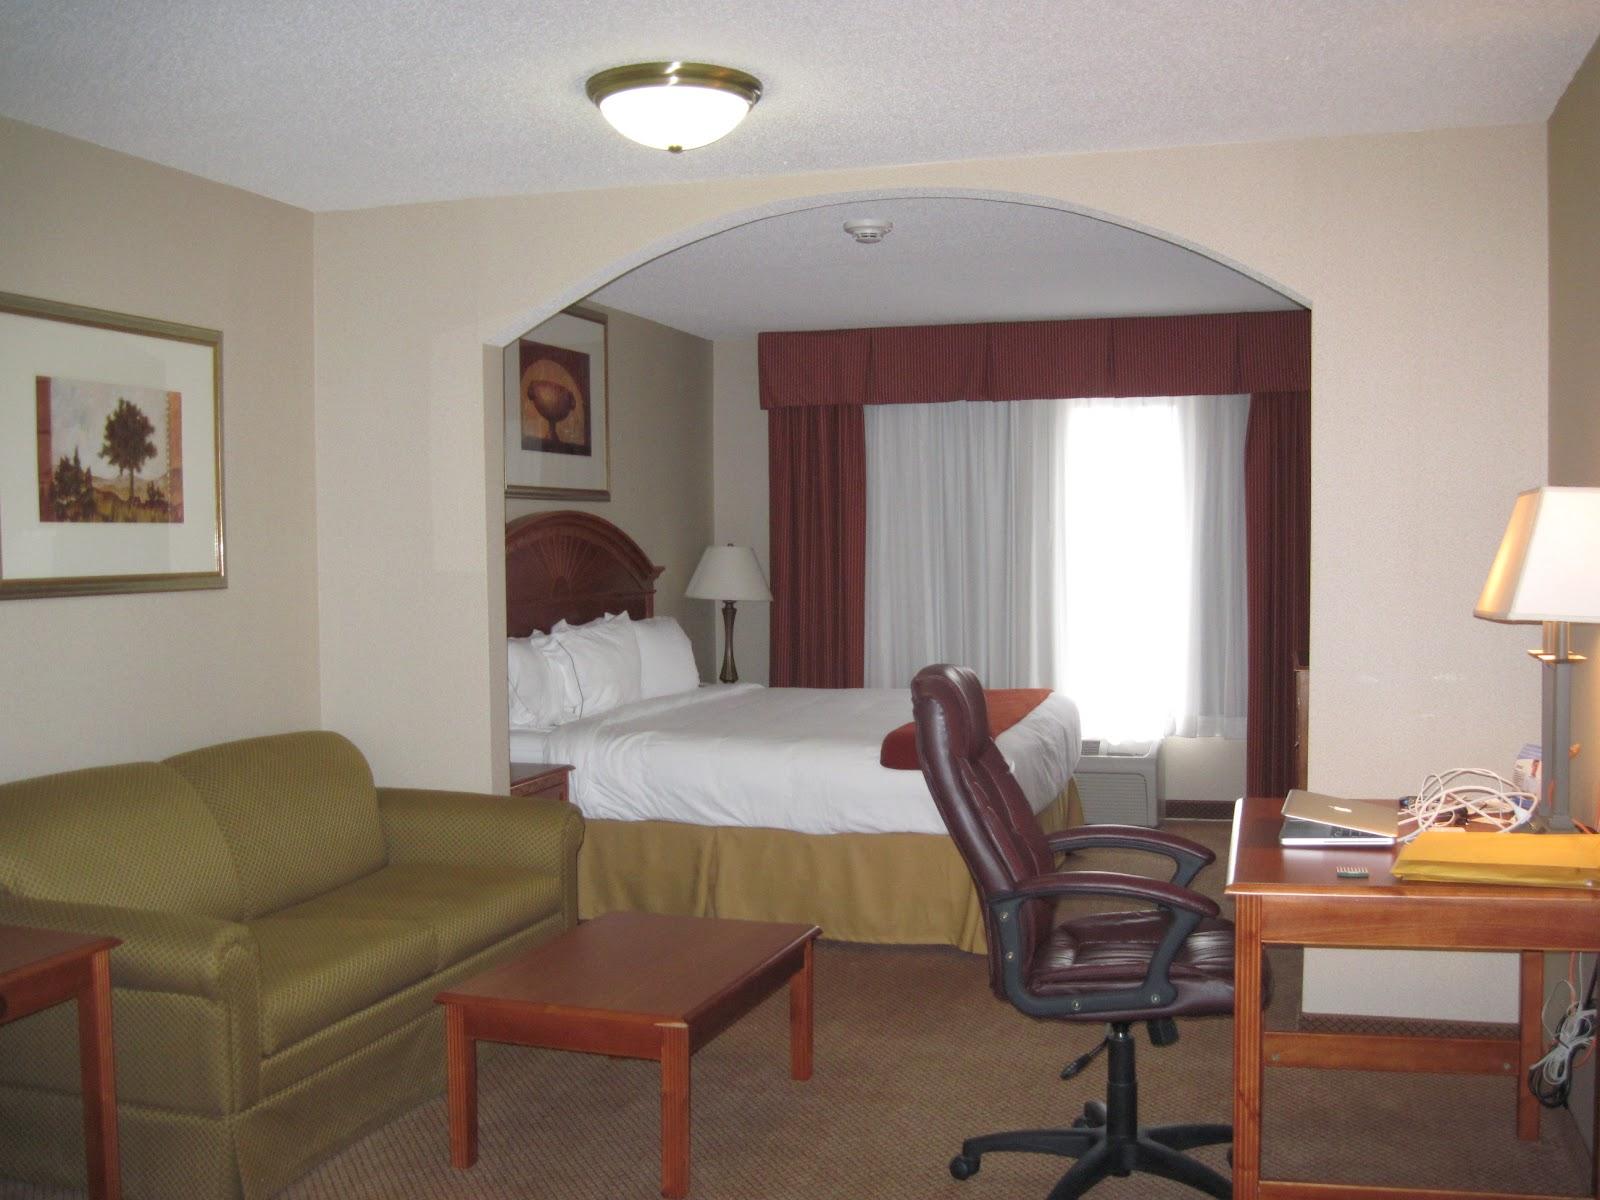 Holiday Inn Diamond Bar California